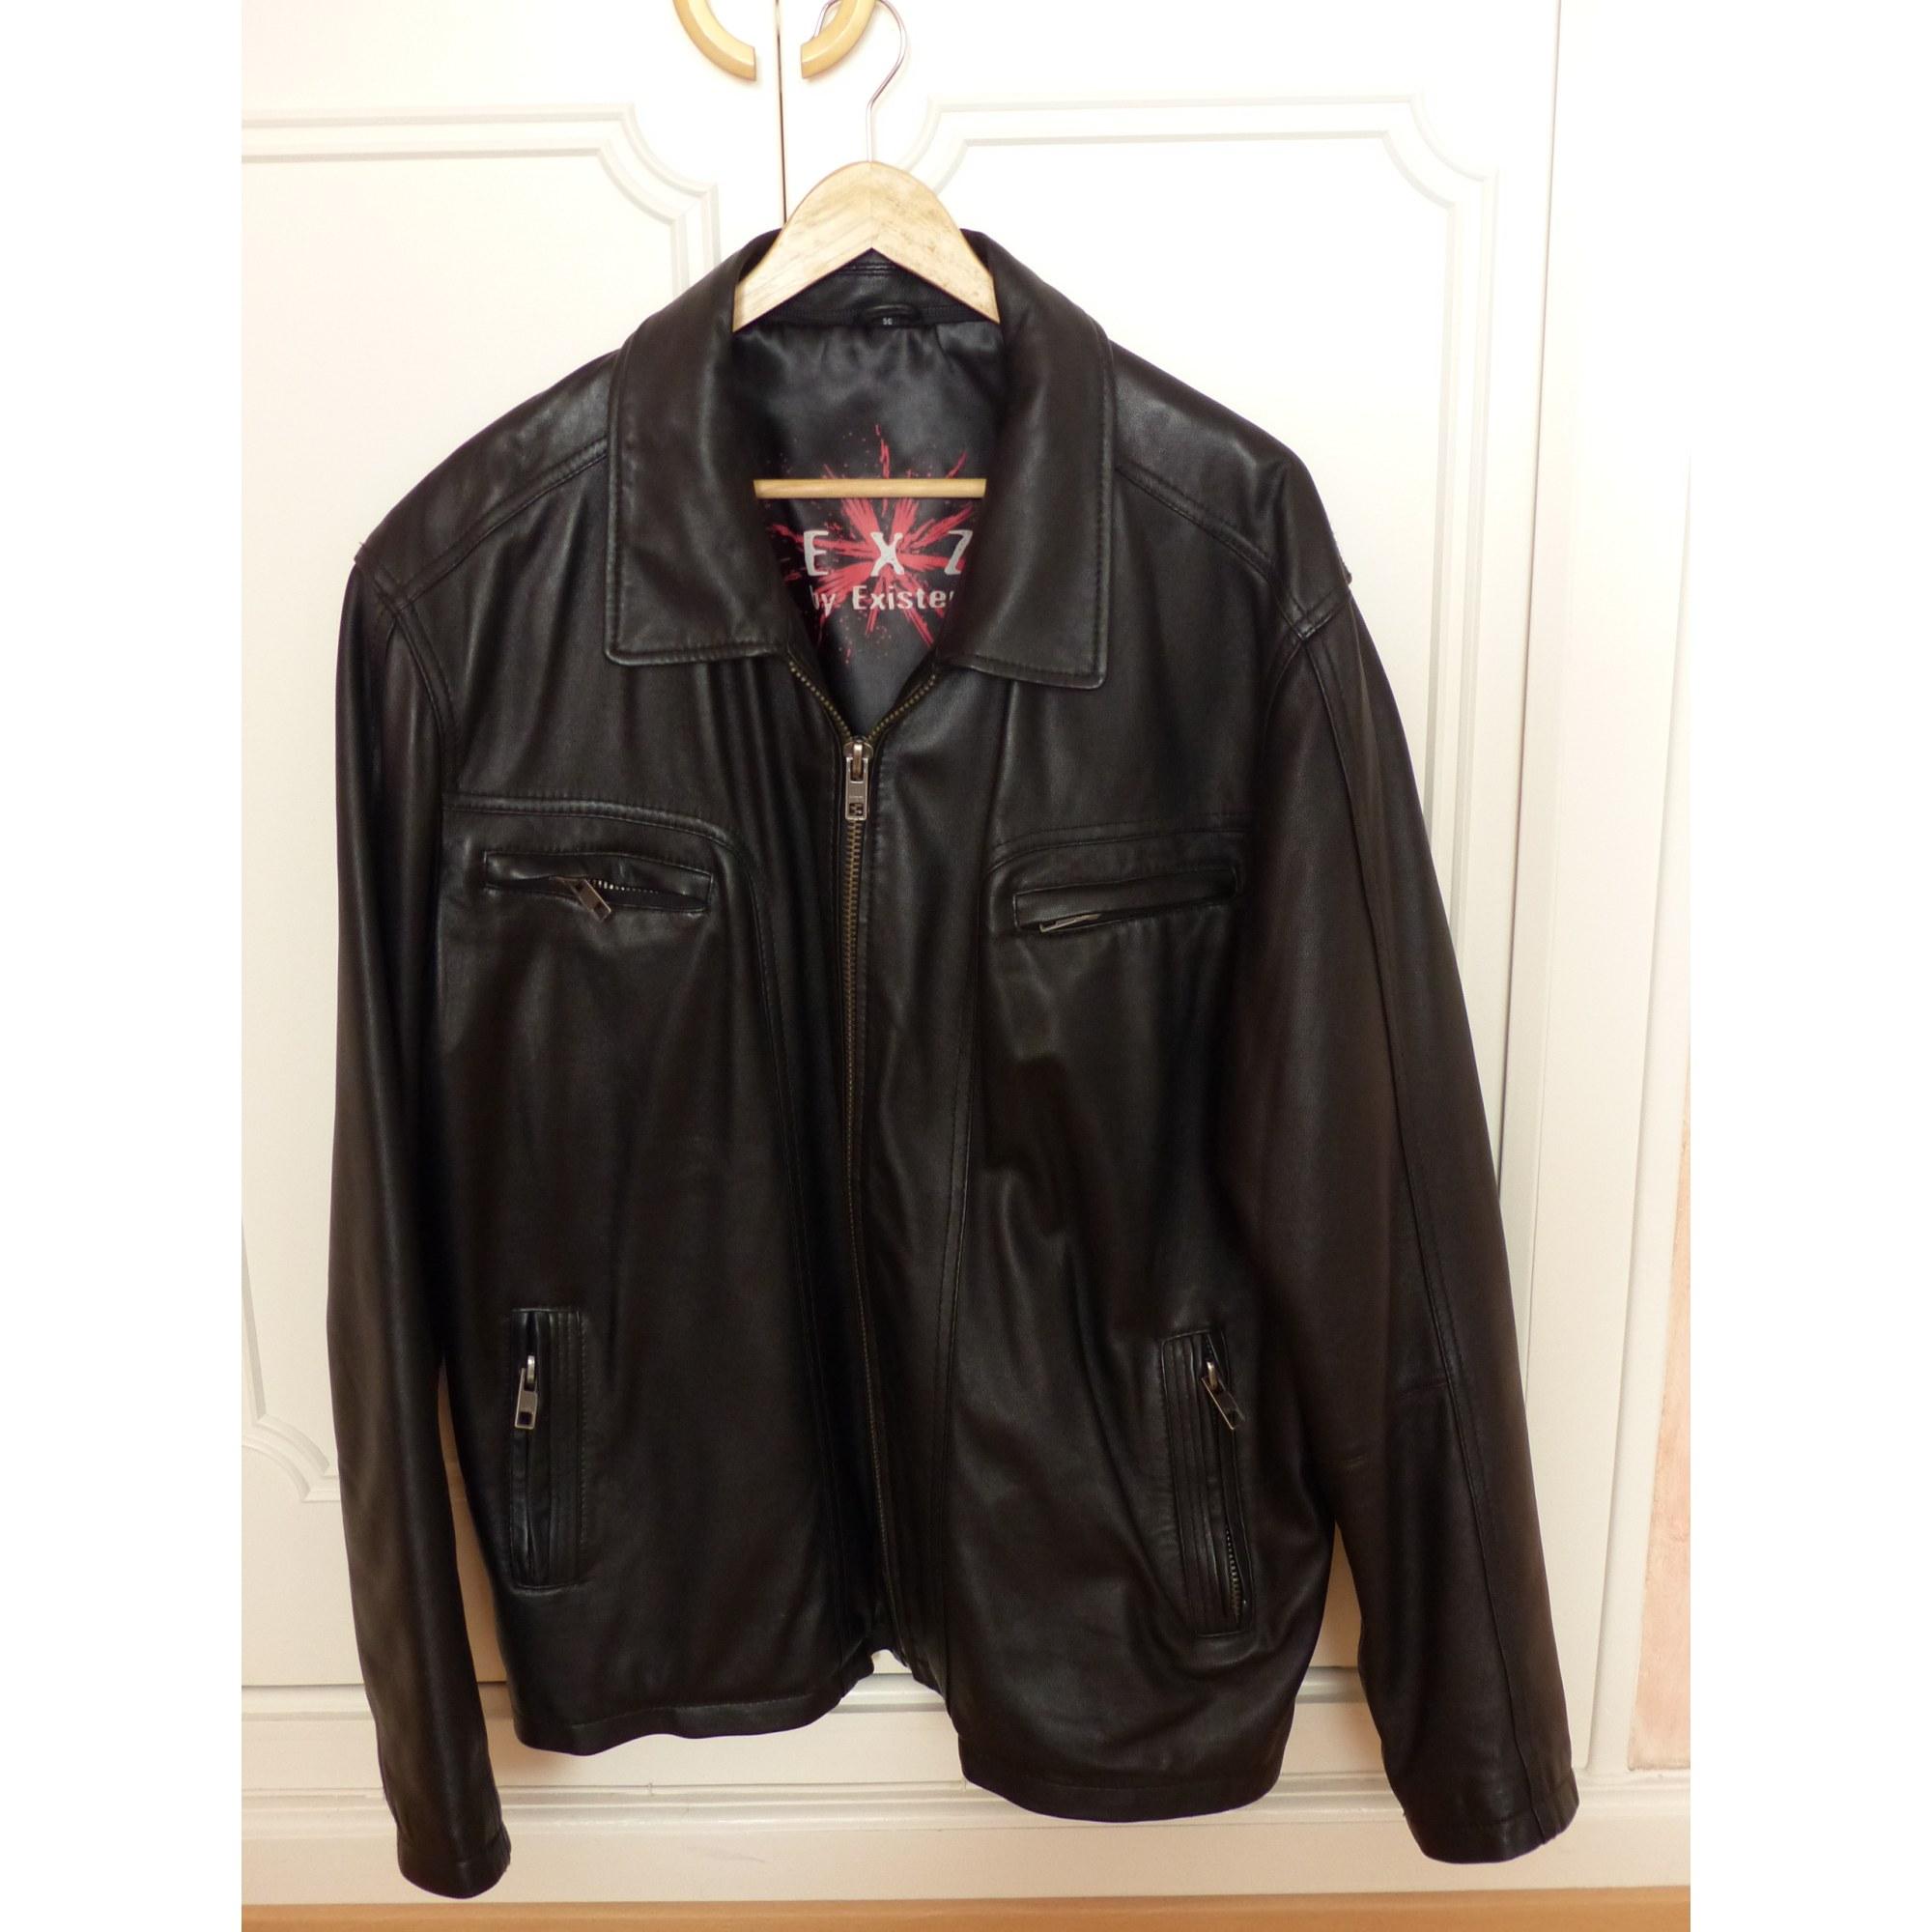 06dcb7294ffdc Blouson en cuir EXZ BY EXISTENZ 56 (XL) noir vendu par Clemence5254 ...